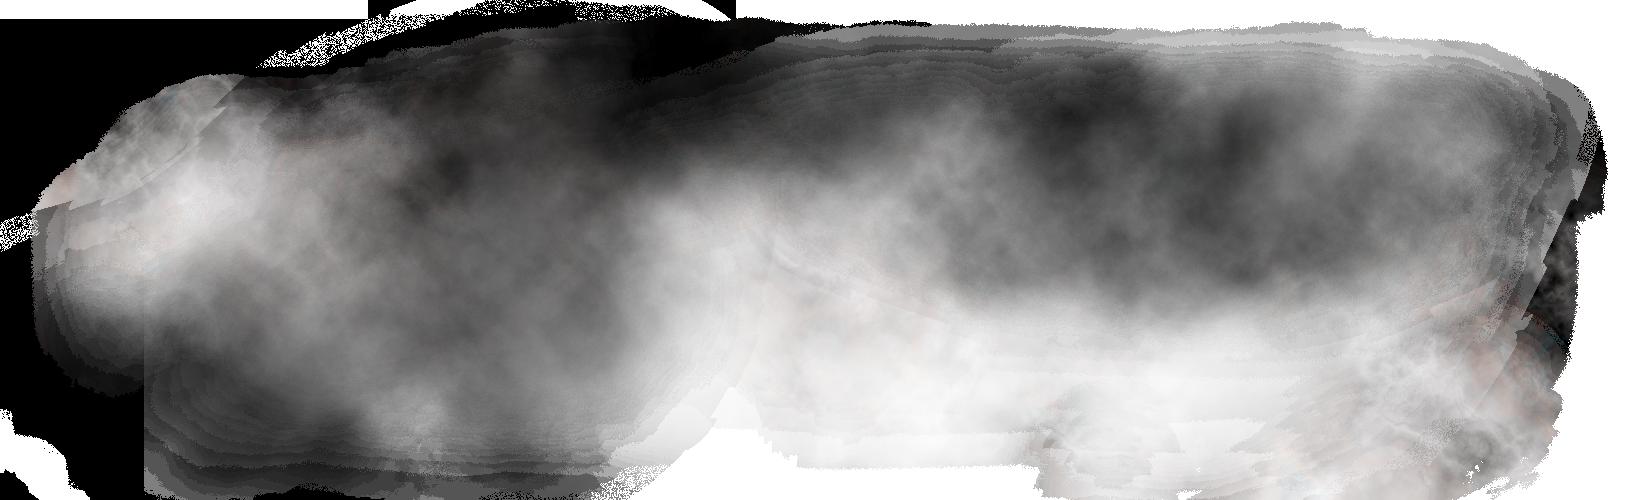 Smoke rising png.  for free download